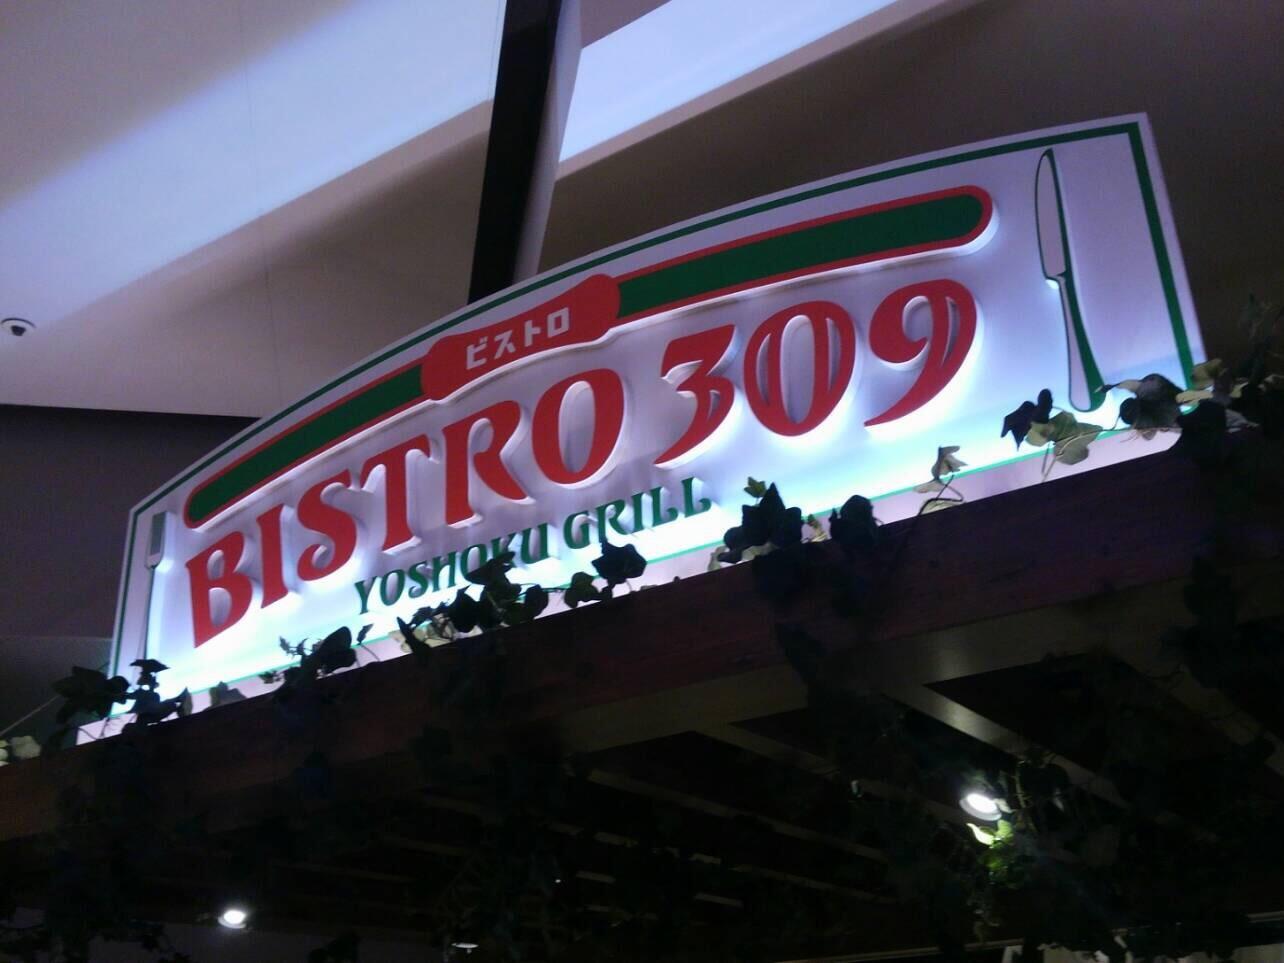 『ビストロ309』ユニバーサルシティウォーク店でパン食べ放題